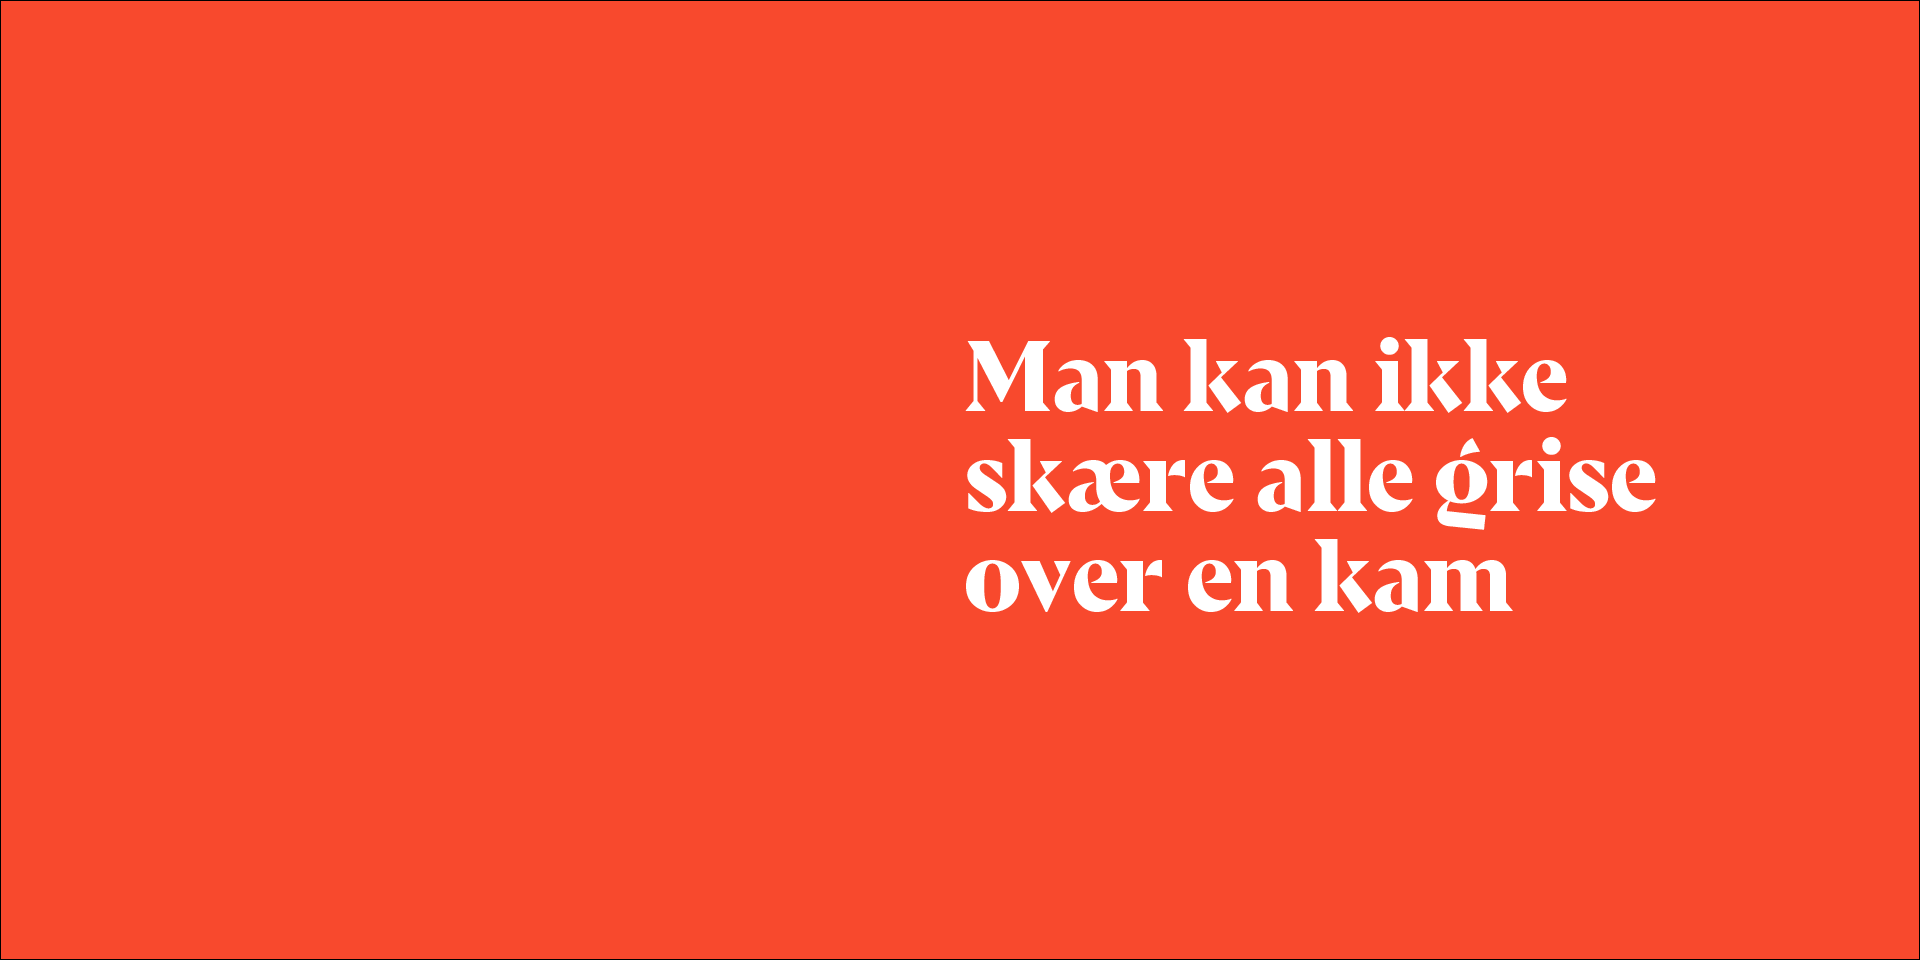 Danish Crown prøver at bilde dig ind, at danske svin er mere klimavenlige end alle andre svin